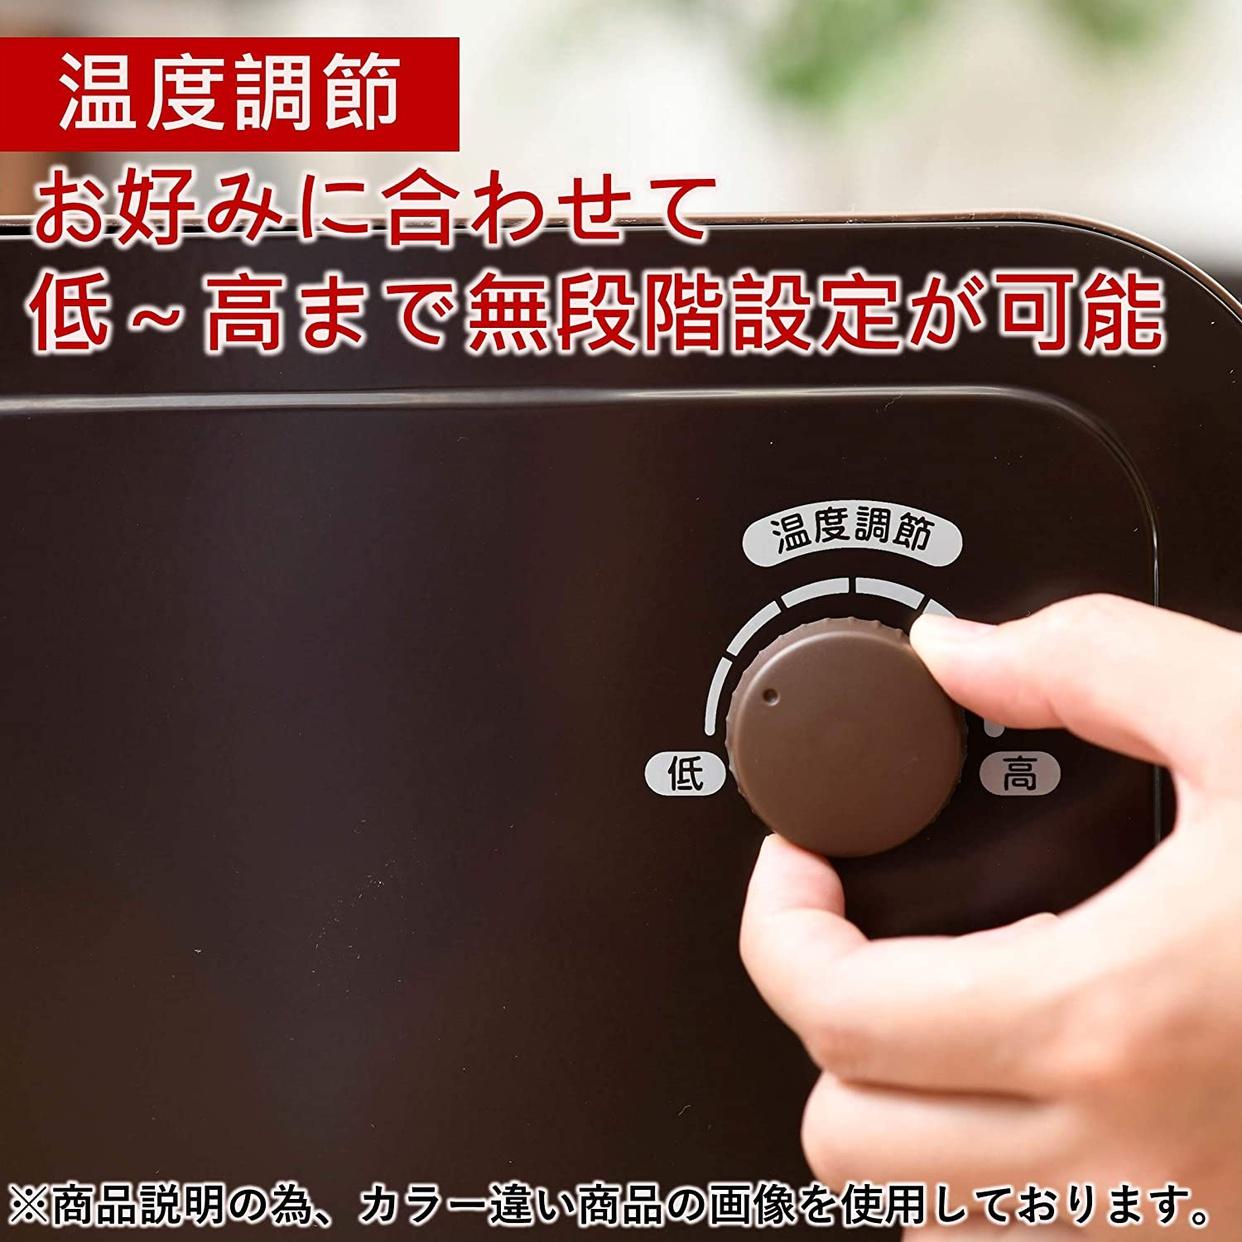 山善(YAMAZEN) ミニパネルヒーター DP-B167の商品画像3